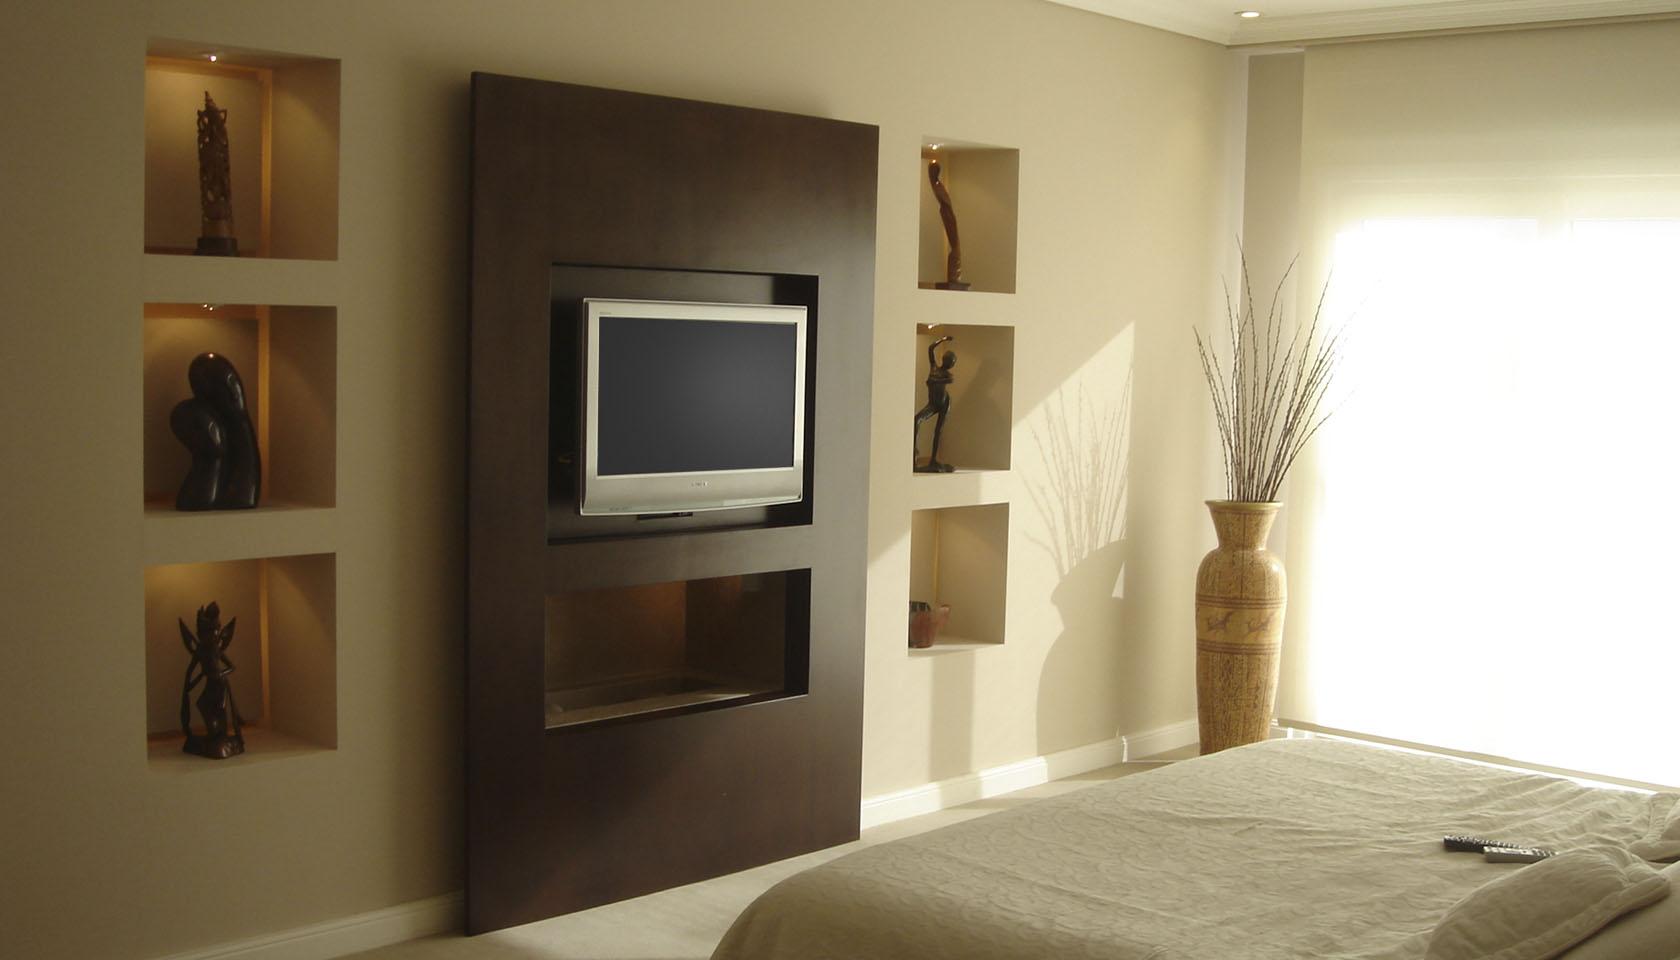 diseño de interior, revestimiento interior en madera, diseño interior de habitaciones